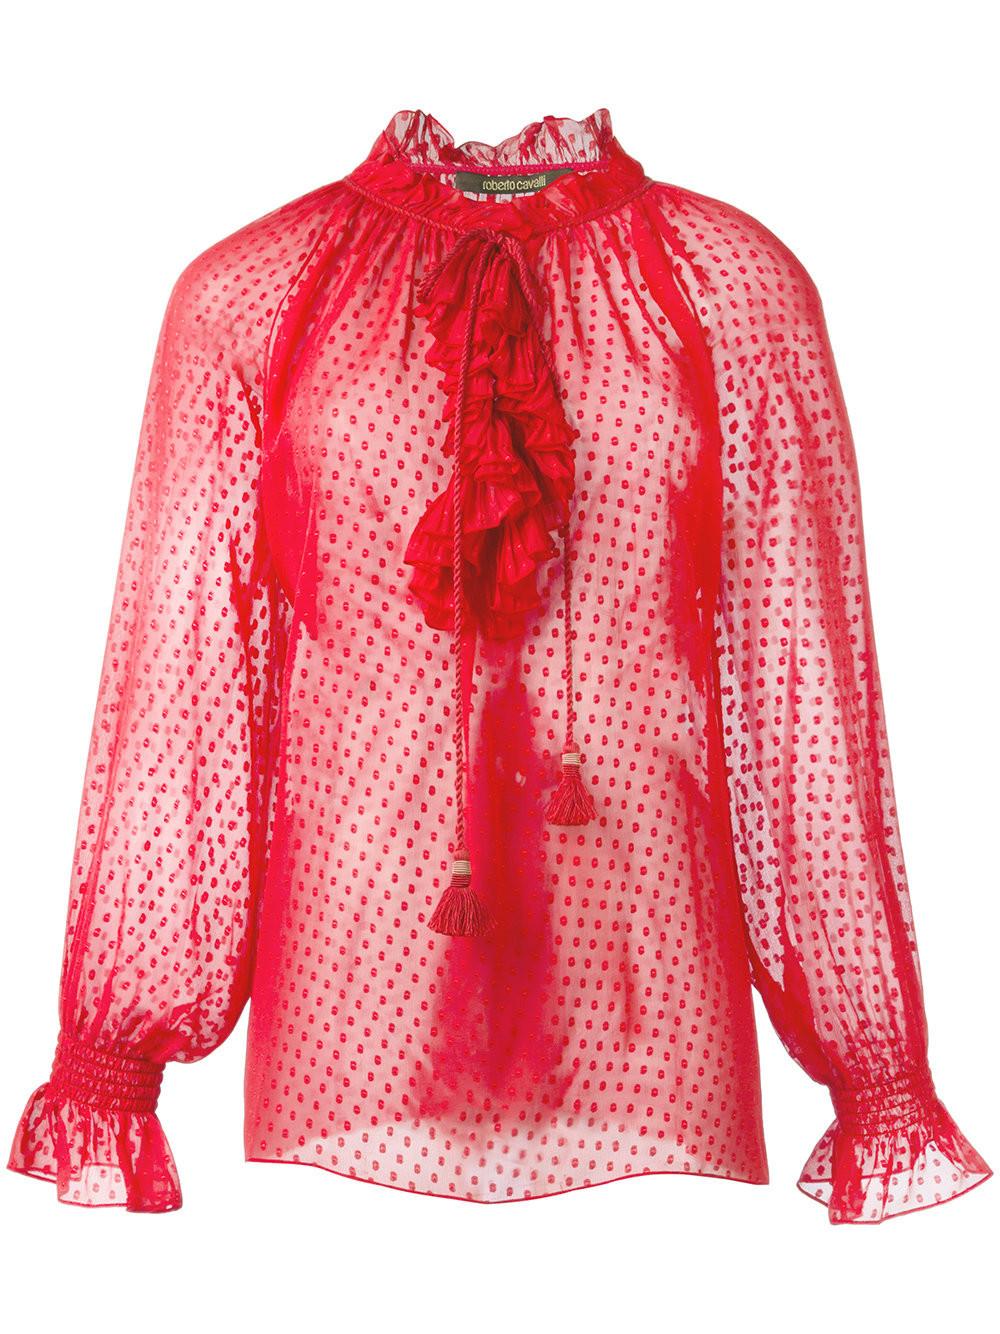 Прозрачные Блузки Красные Купить